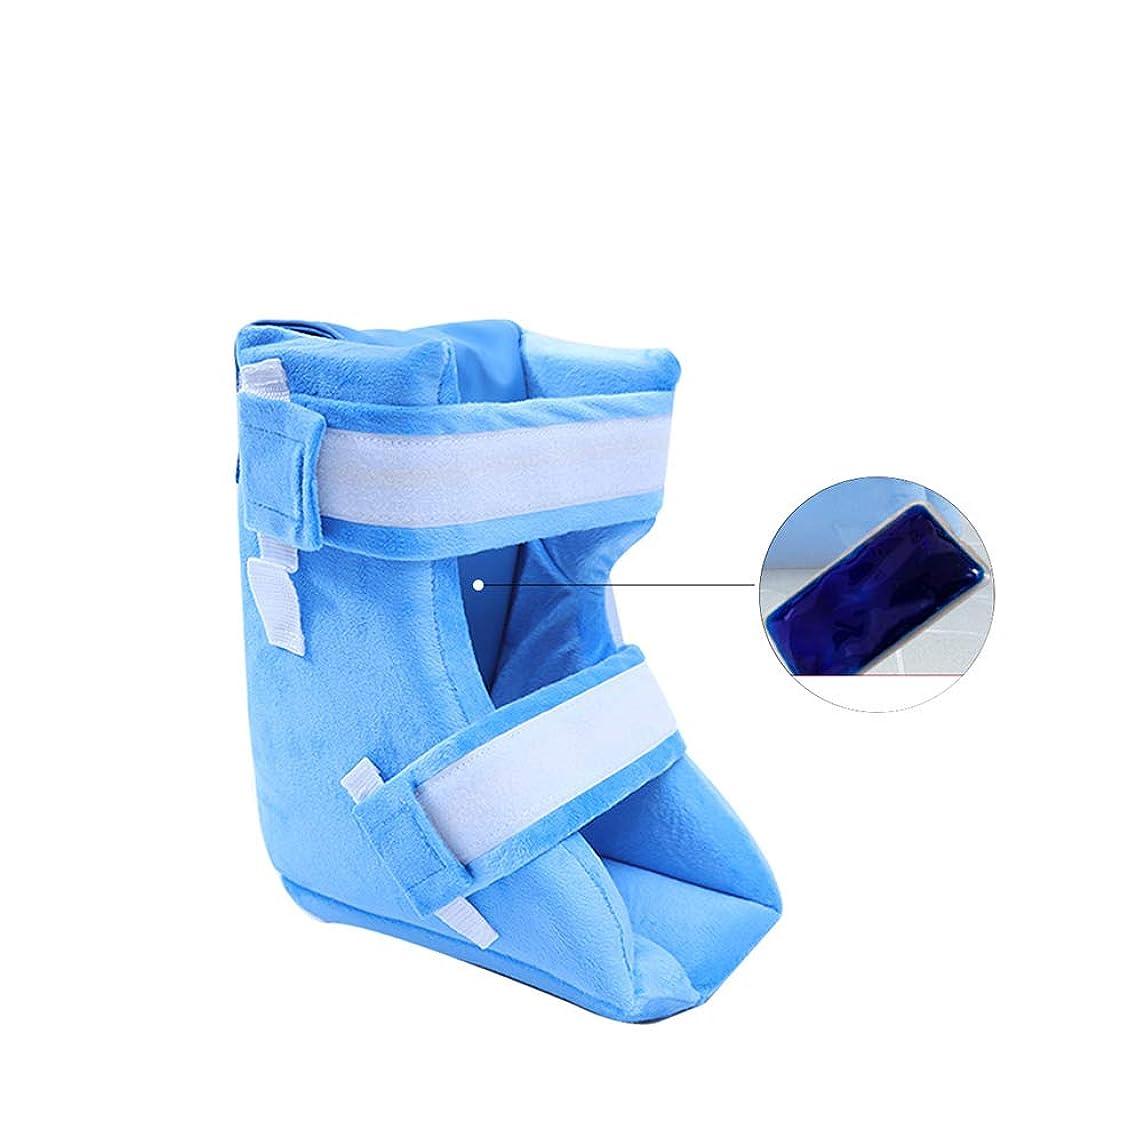 関係ない重さ霊ヒールプロテクター、ソフト慰めヒール枕、ヒールフロートヒールプロテクター、高齢者の足補正カバー,1Pc